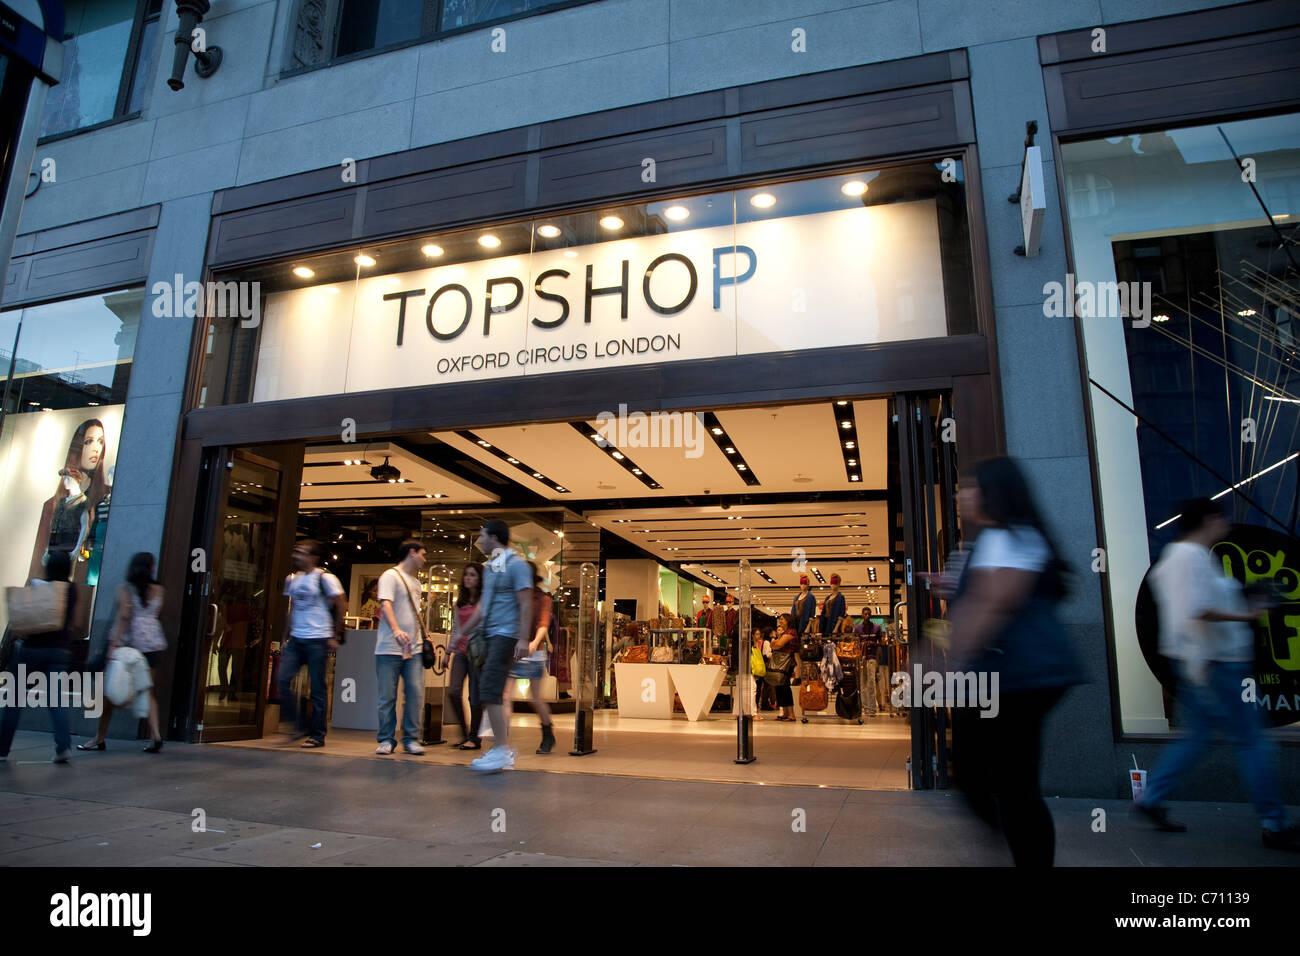 Topshop, Oxford Circus, London, England,